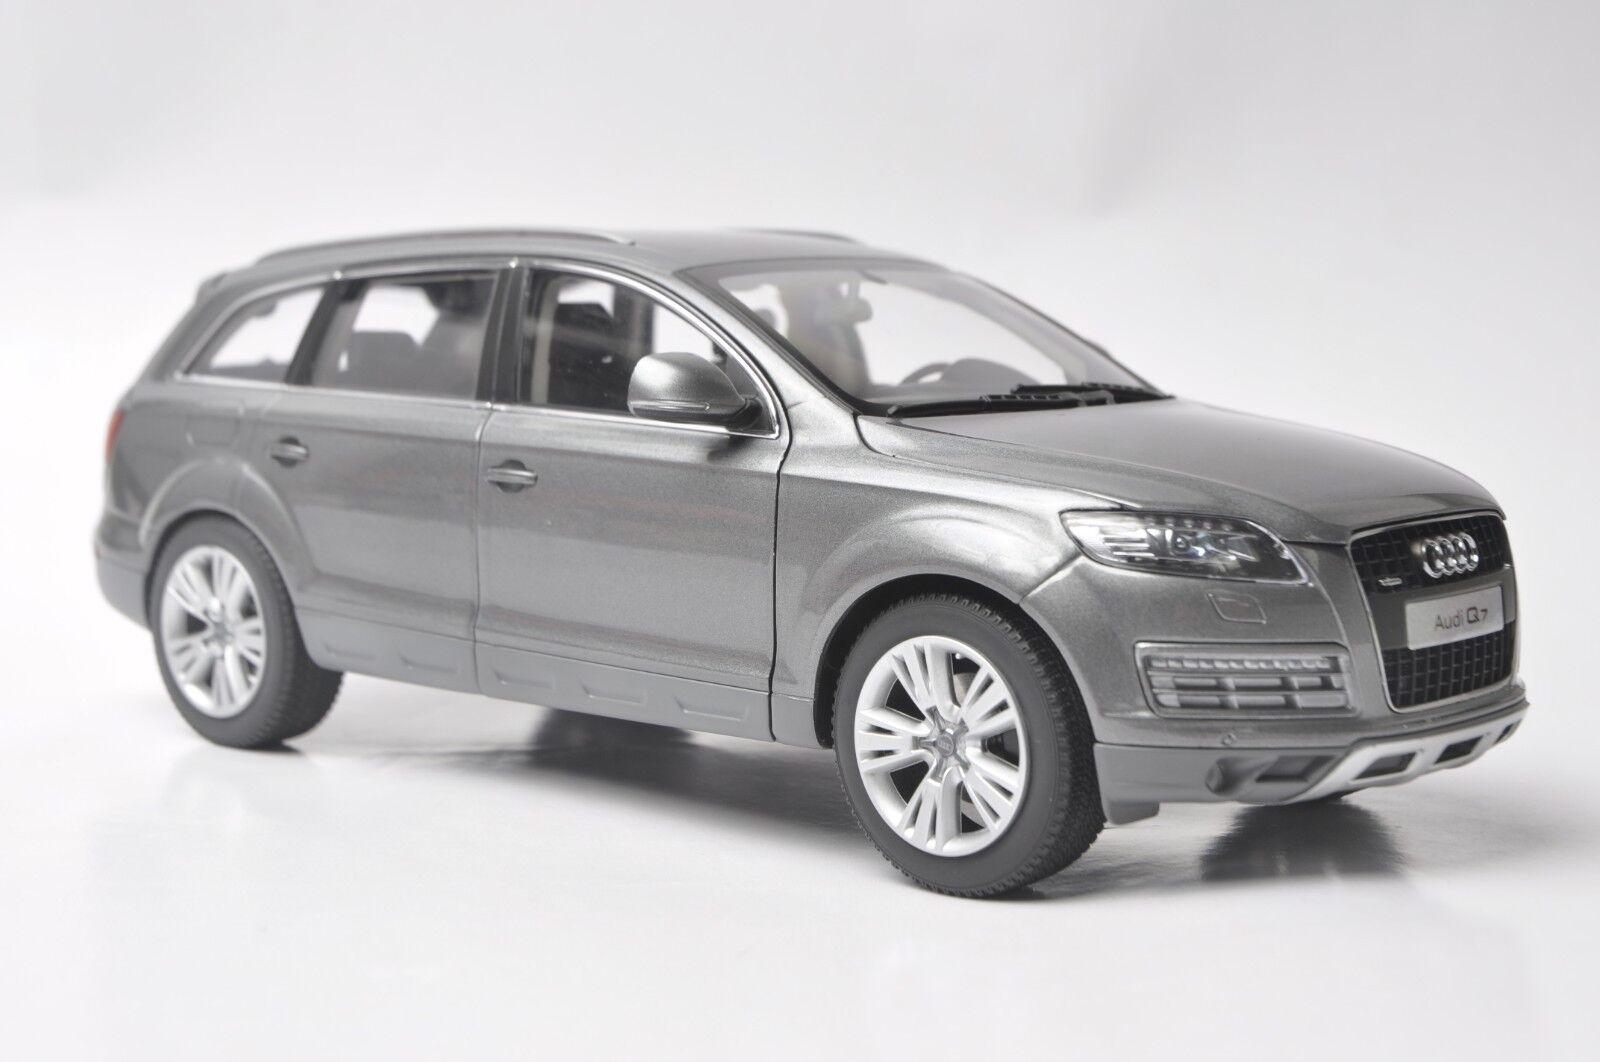 Audi q7 geländewagen - modell im maßstab 1,18 2009 graphit grau